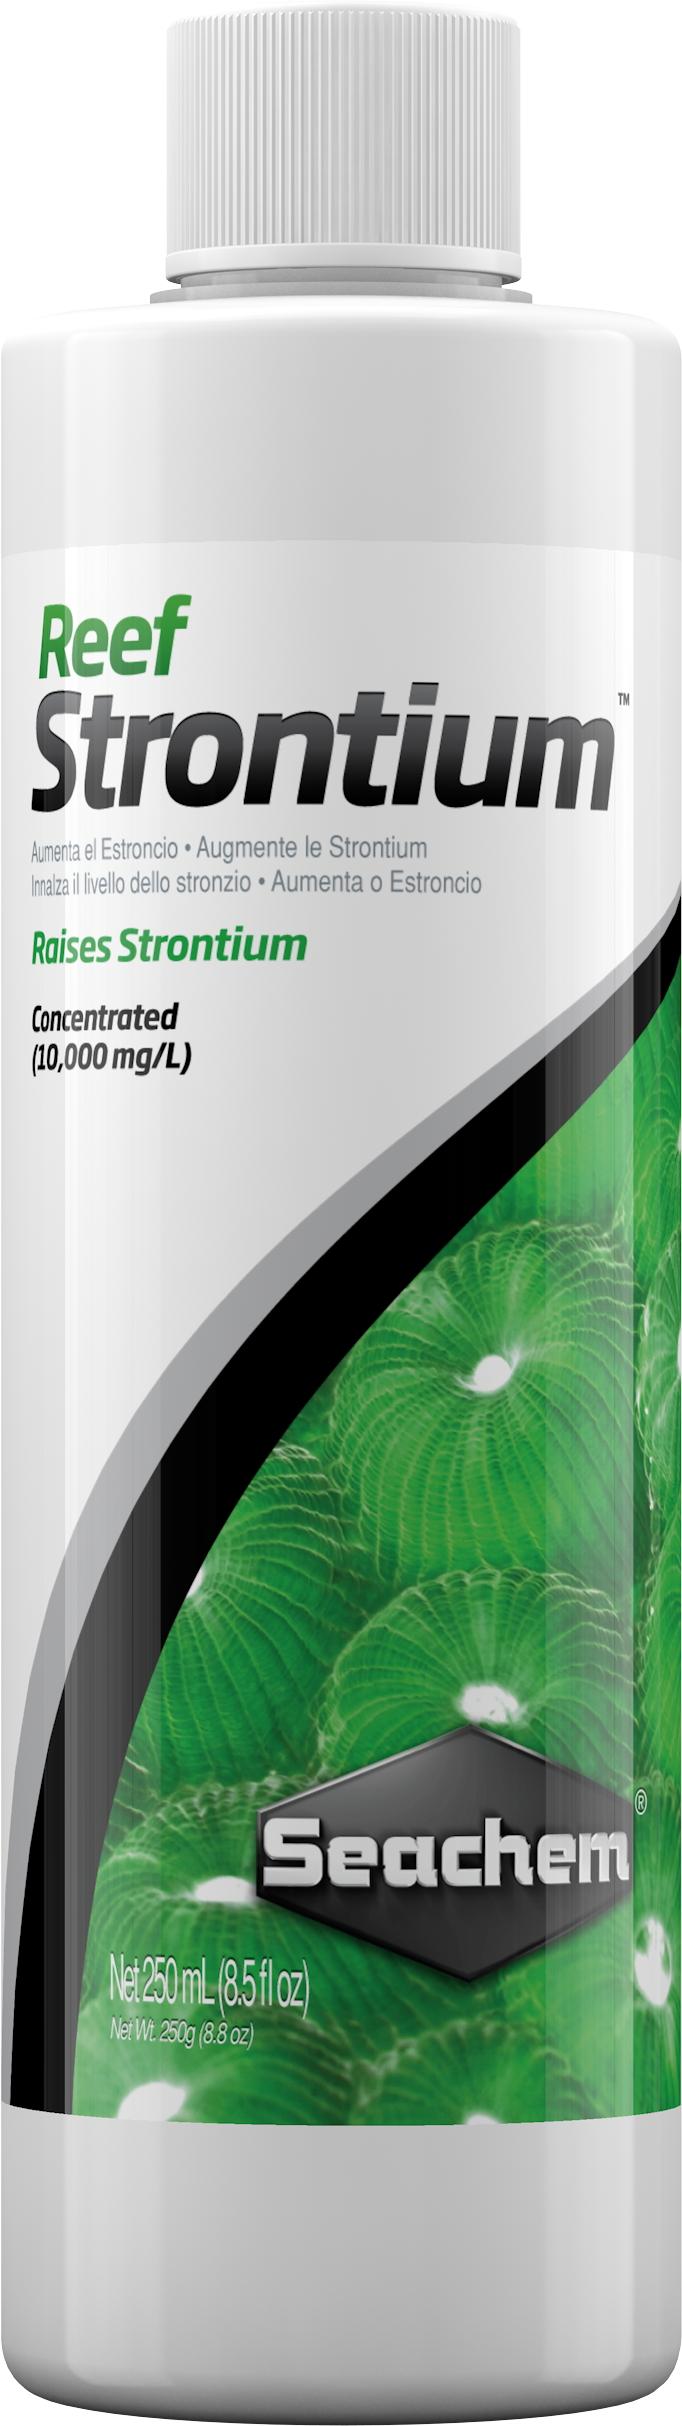 SEACHEM Reef Strontium 250 ml complément concentré qui maintient et restaure le niveau de Strontium